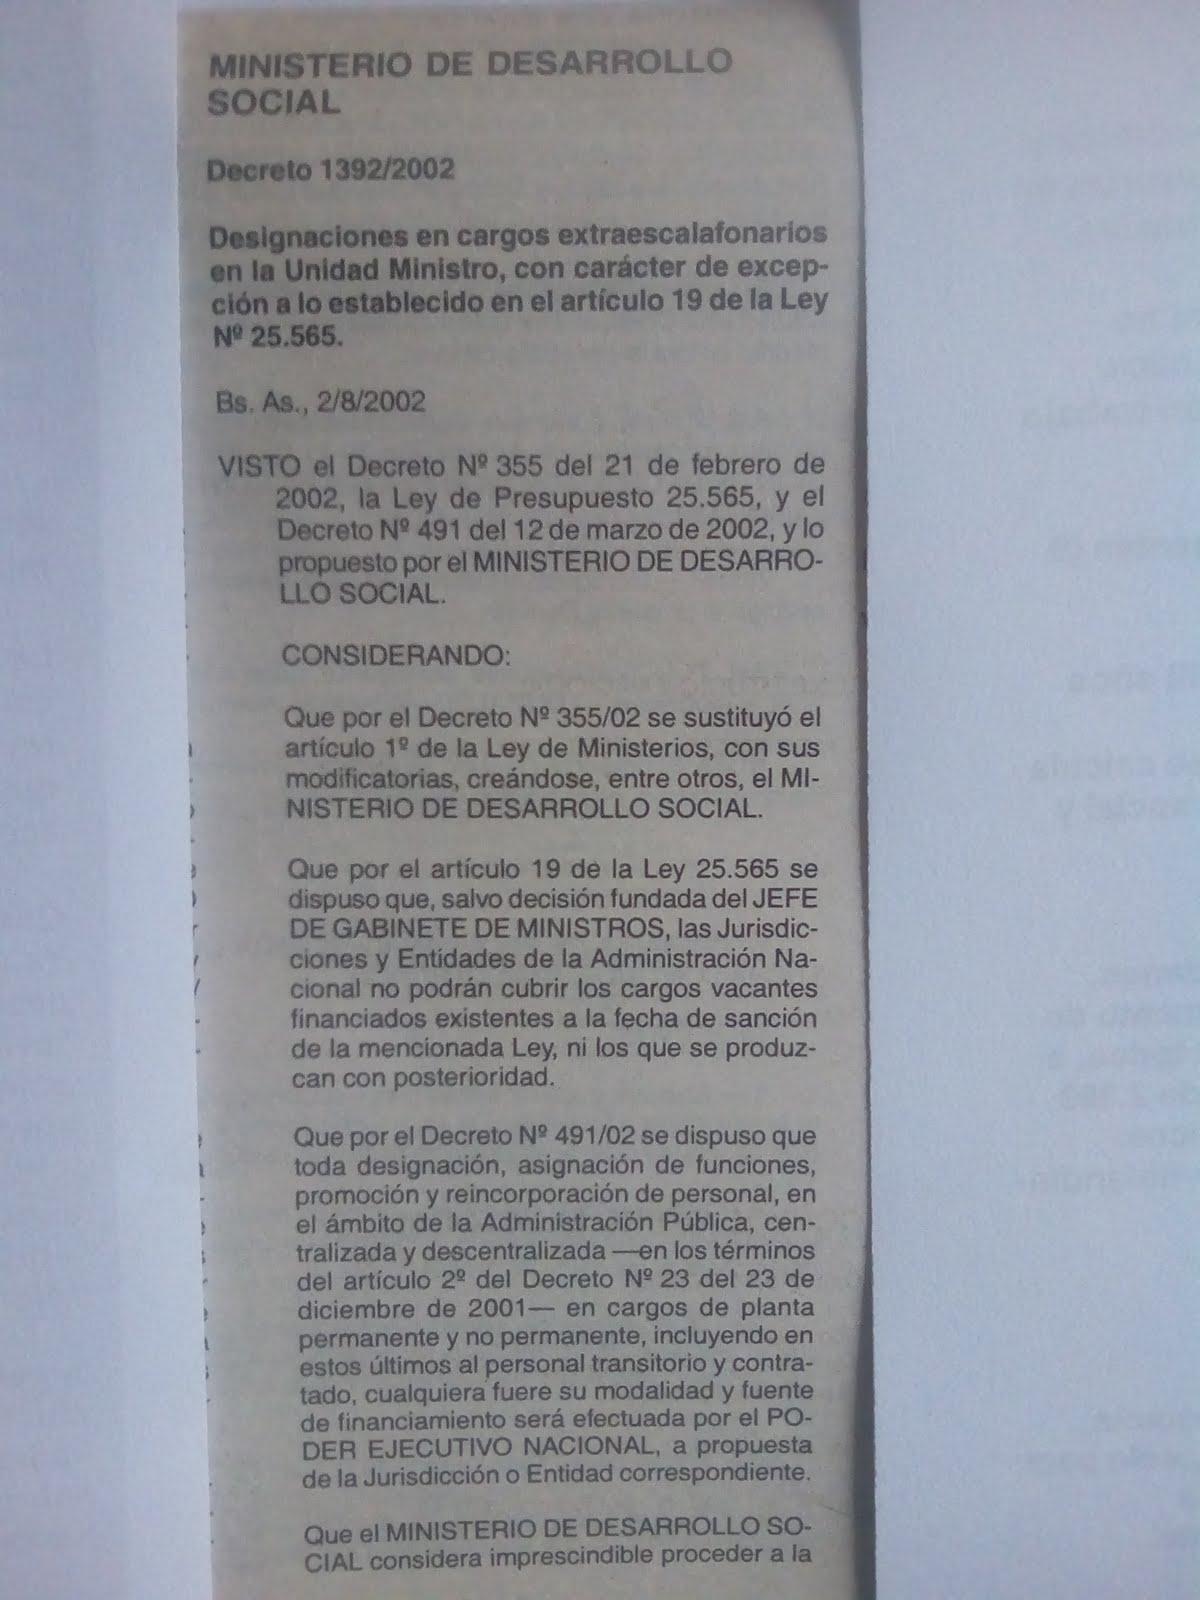 71-DECRETO ESPECIAL DEL PRESIDENTE DUHALDE NOMBRANDO A NAUM KLIKSBERG